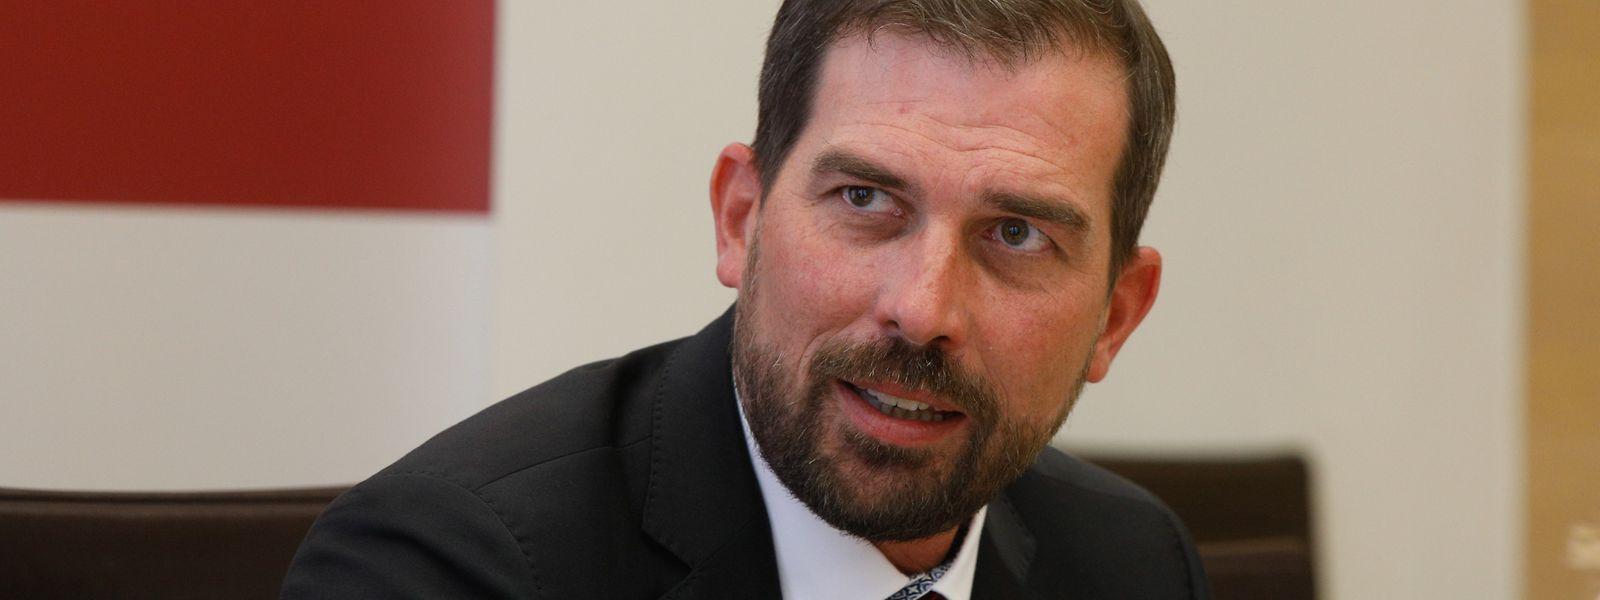 Yves Cruchten (LSAP) leitet den parlamentarischen Unterausschuss zur Zukunft Europas.